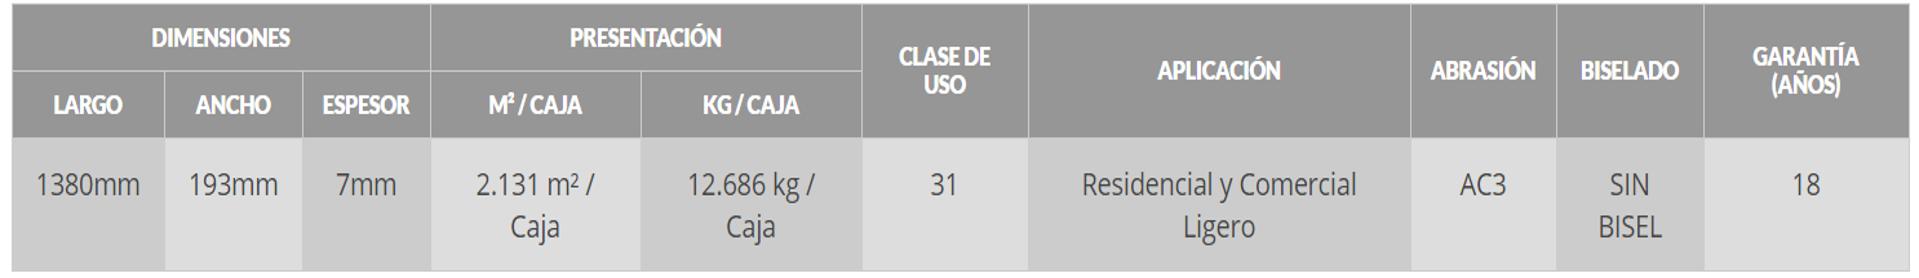 Clasico 7mm